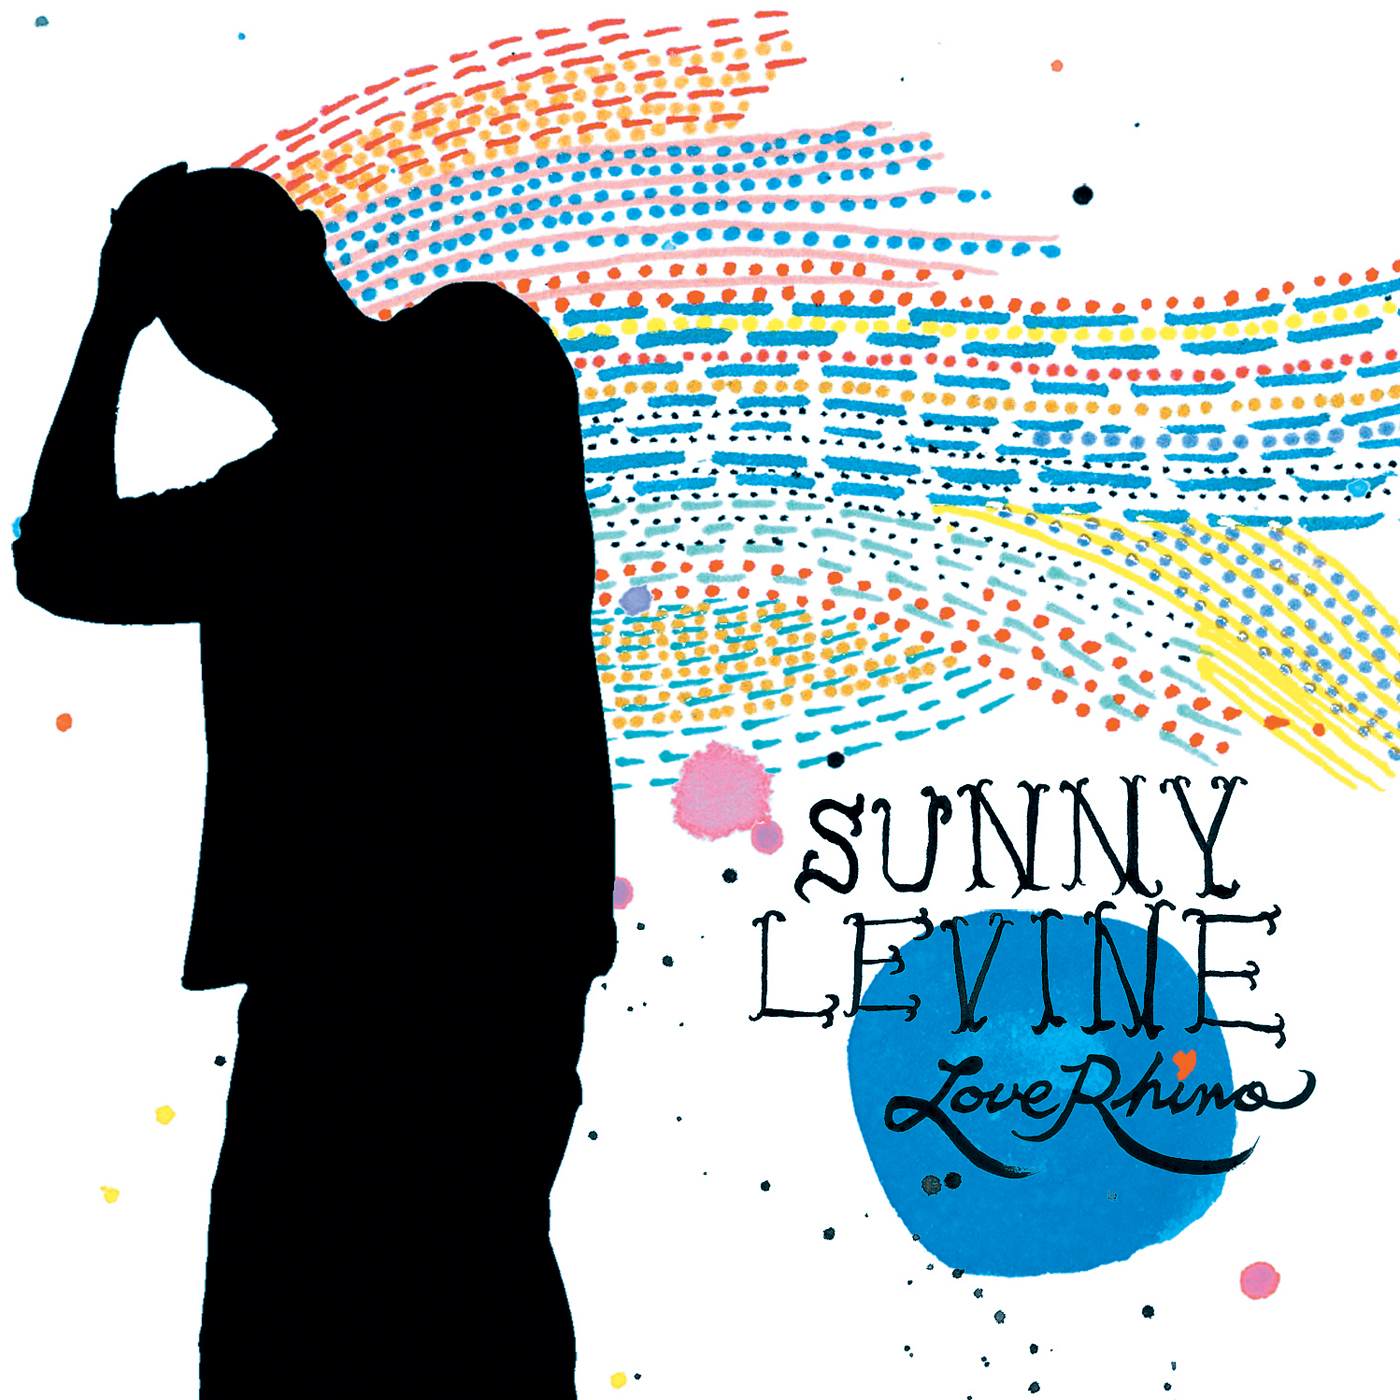 SunnyLevine_LoveRhino.jpg